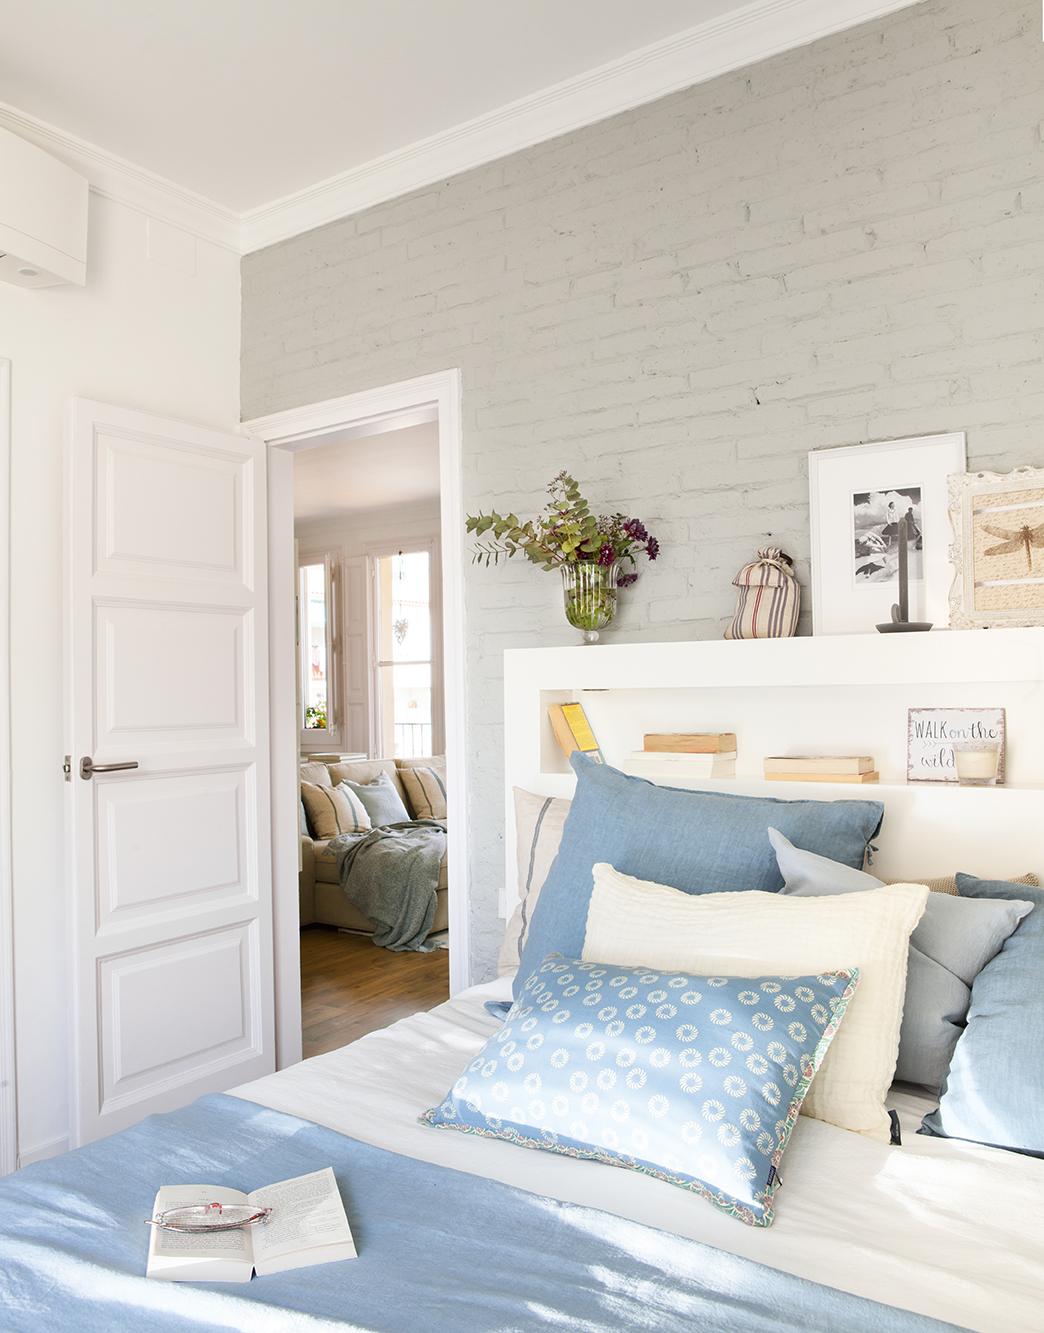 Revestimientos tipos ventajas y desventajas for Paredes con azulejo